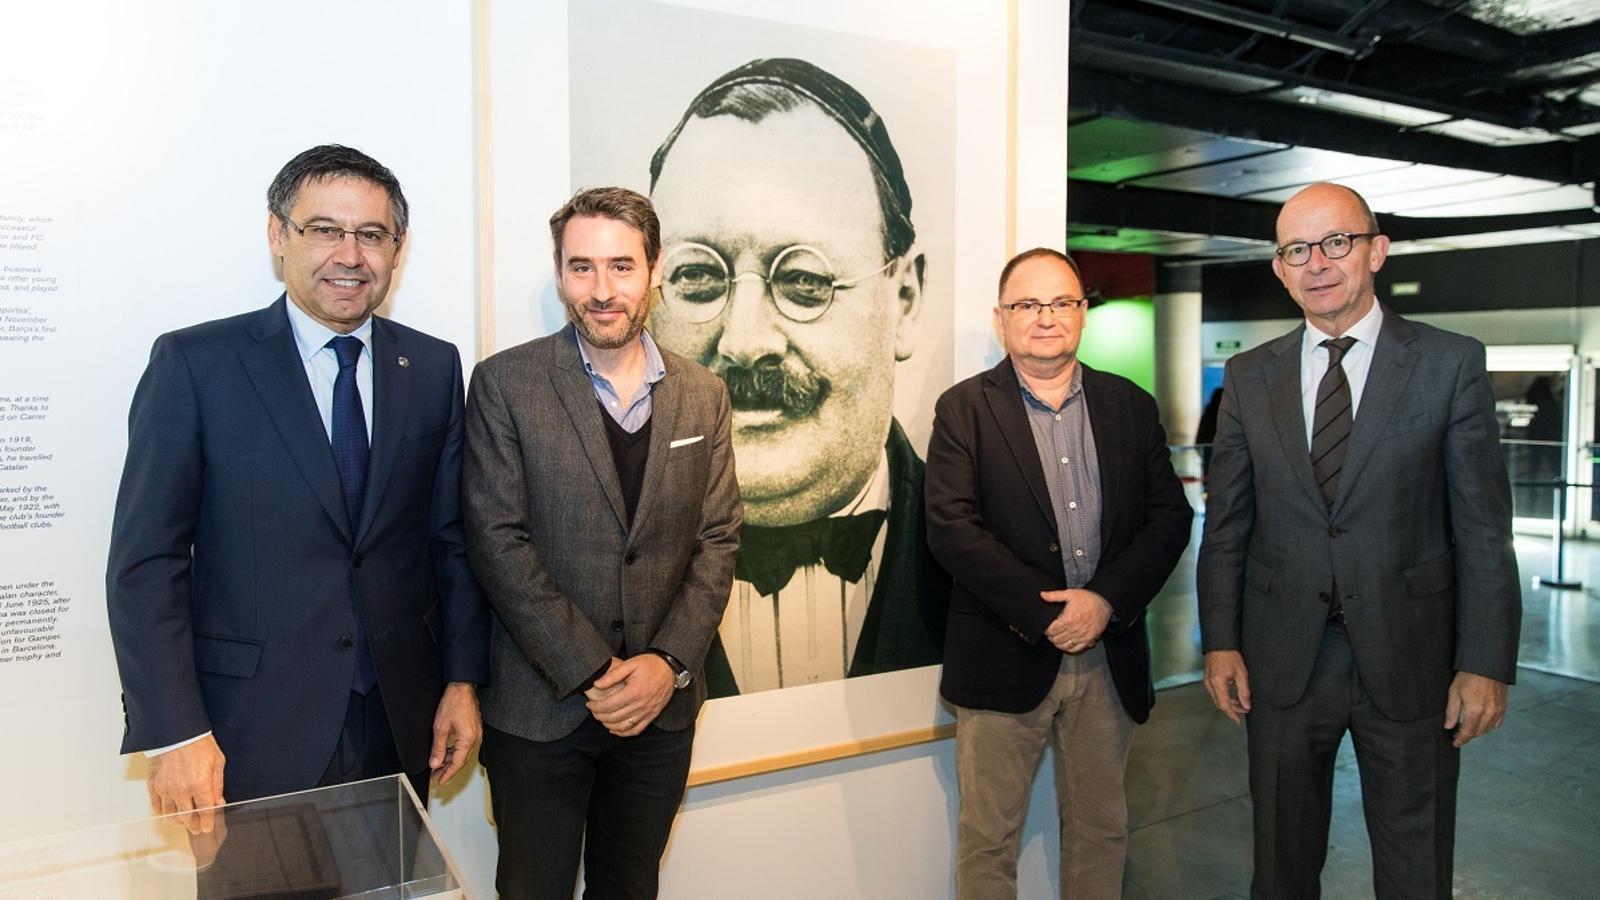 Josep Maria Bartomeu i Jordi Cardoner, entre els productors del documental 'Gamper, l'inventor del Barça', a l'Espai Gamper del Museu del club